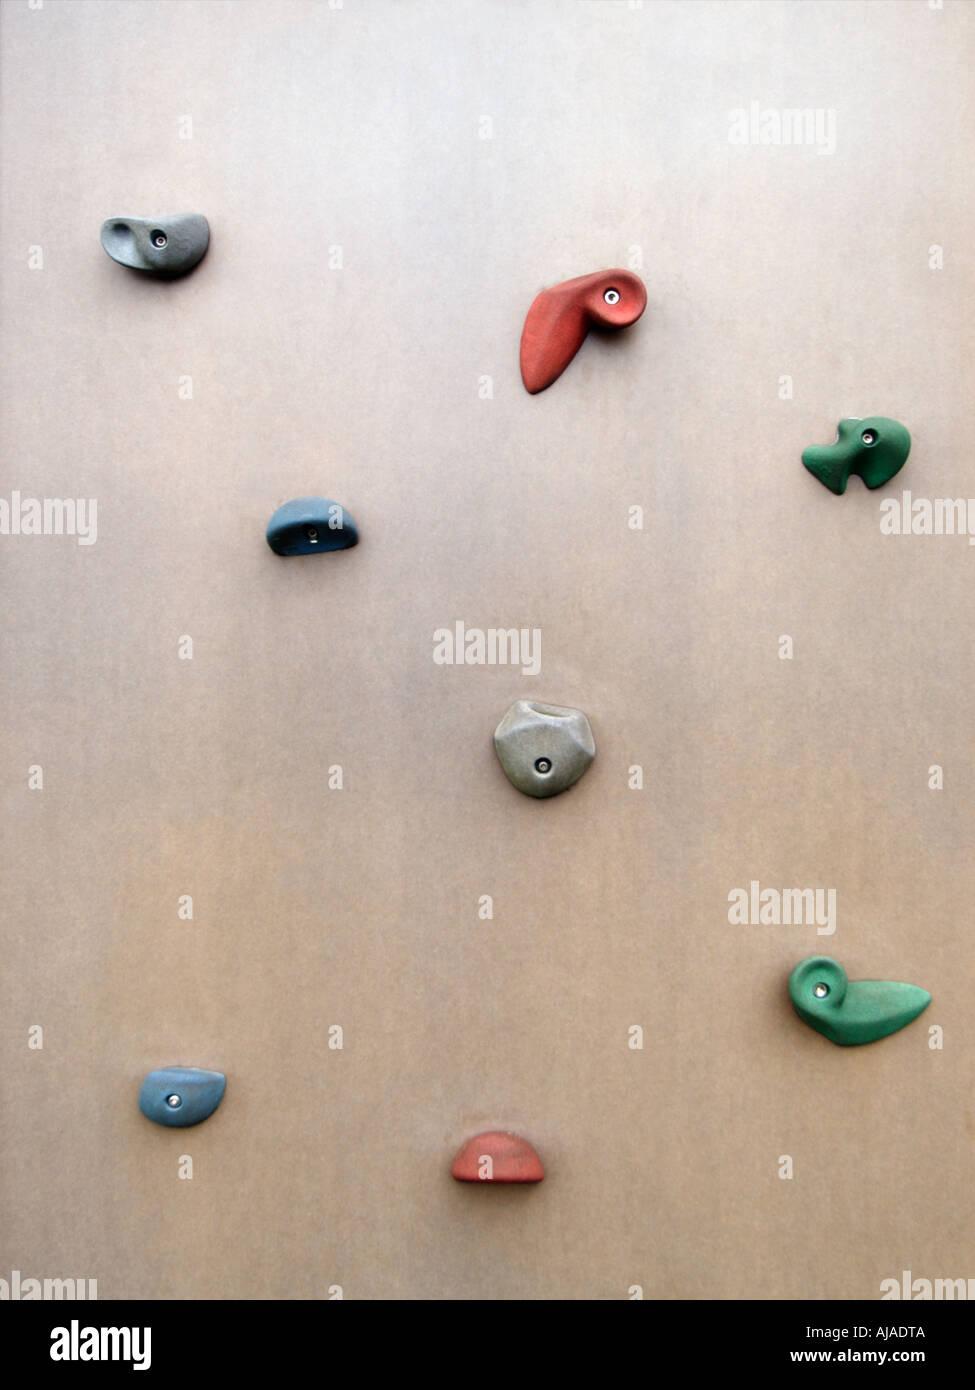 griffe-muster auf kletterwand bouldern lievelde niederlande